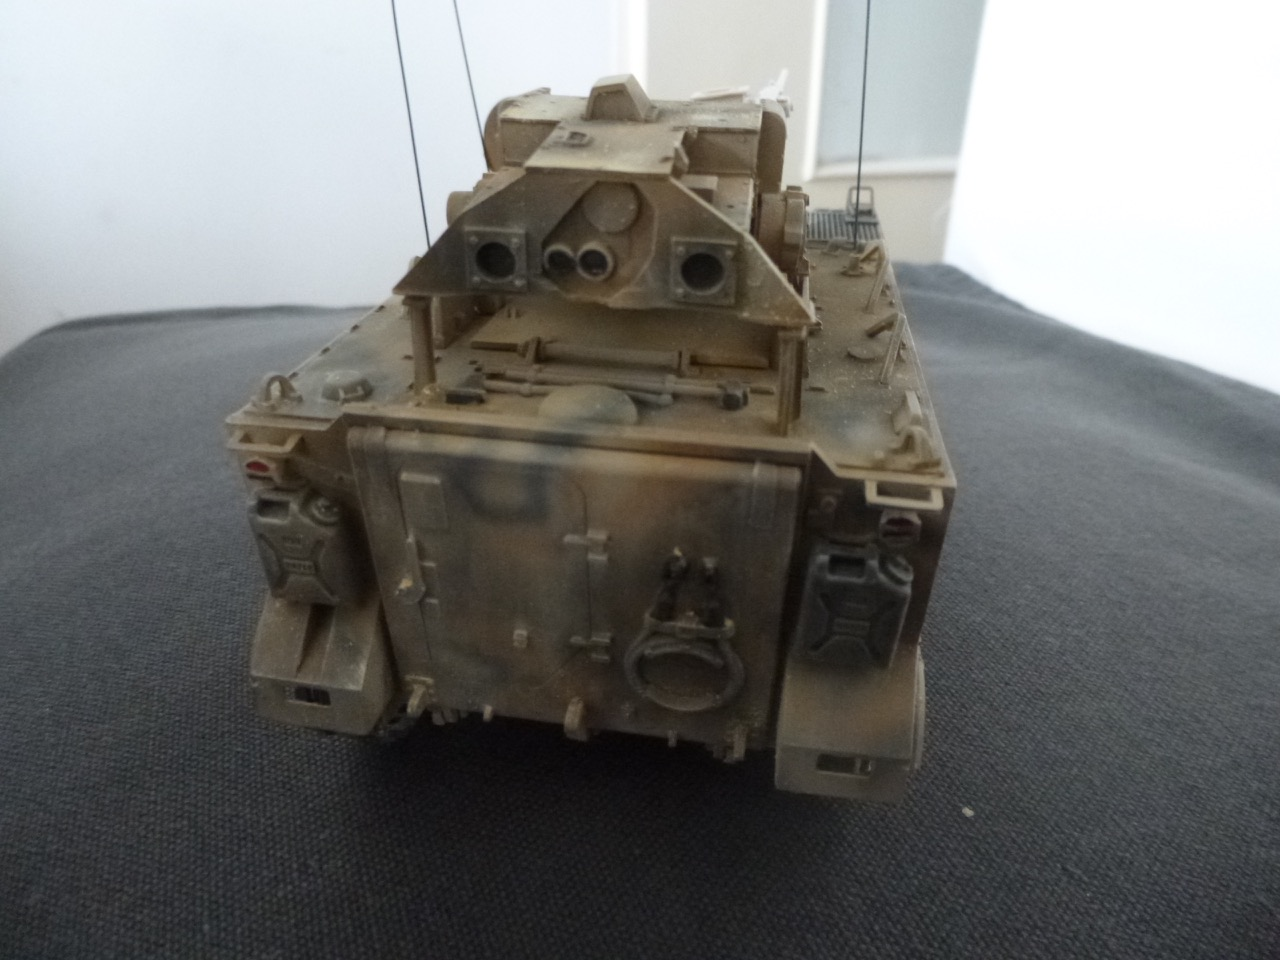 M113 / M109 Tow, une conversion en résine Verlinden au 1/35, base Tamiya 170123124121315485